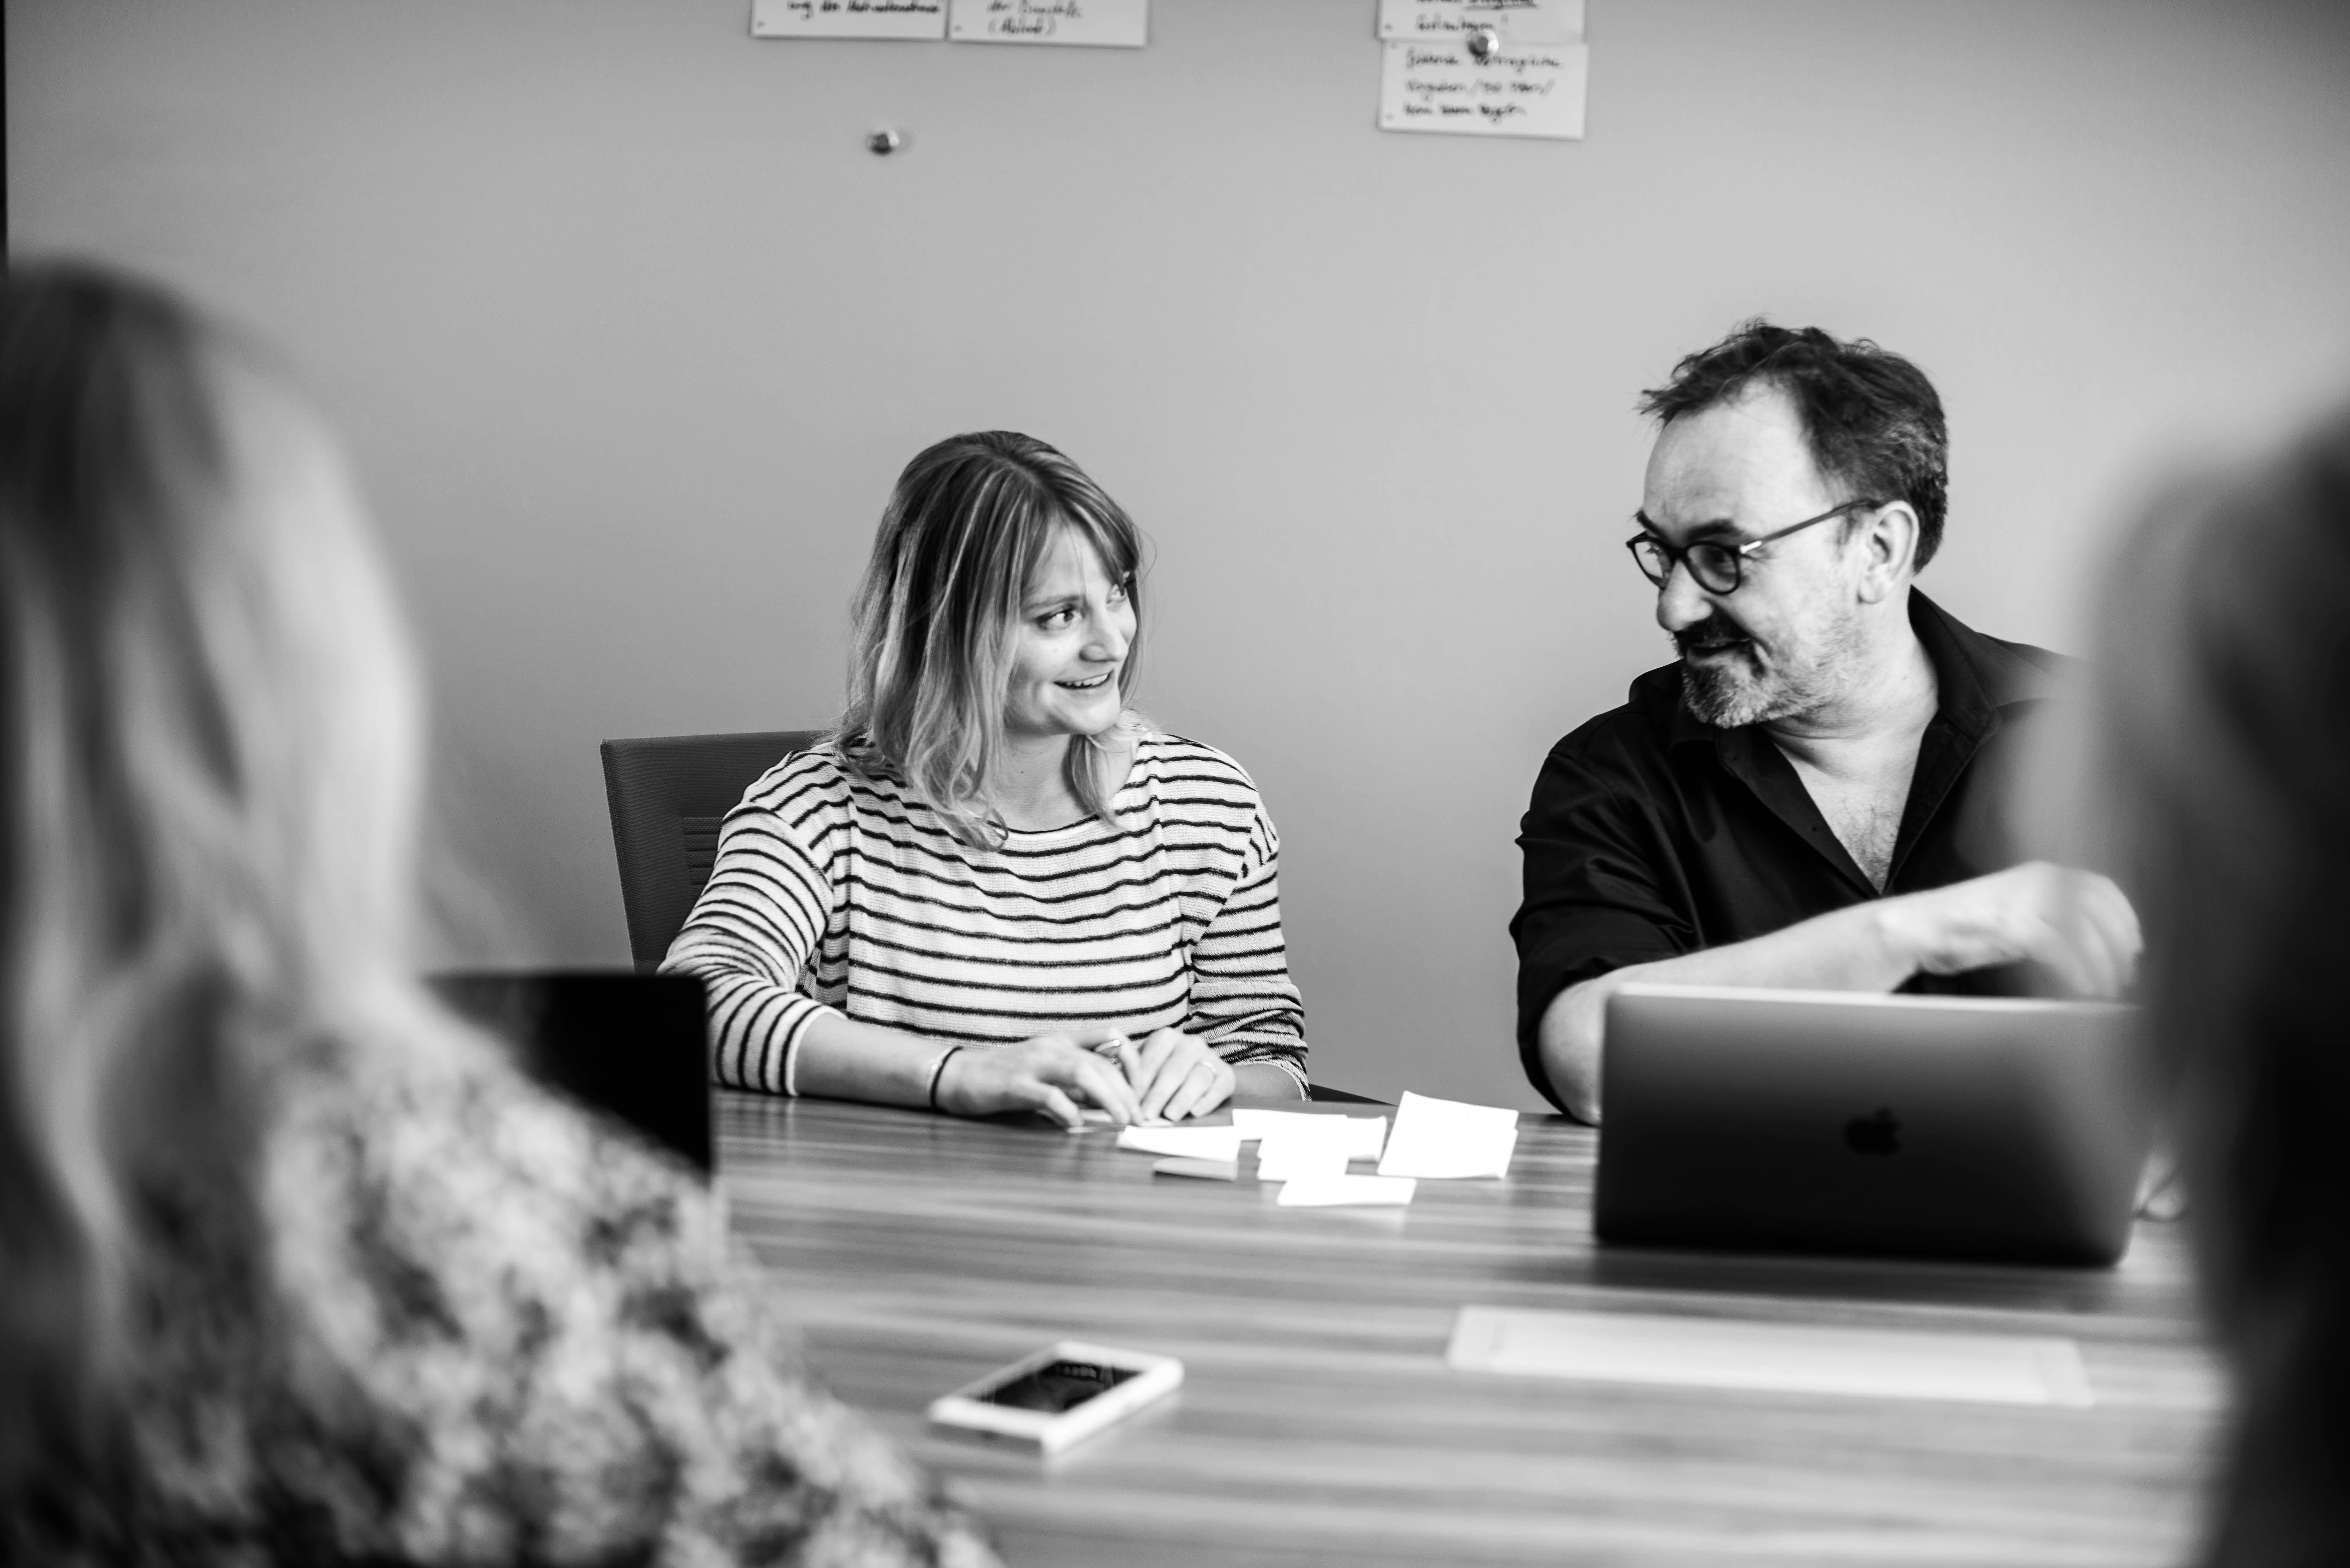 Senja KLenz und Frank Krupka im Workshop zu Markenkommunikation, Markenstrategie und Markenentwicklung